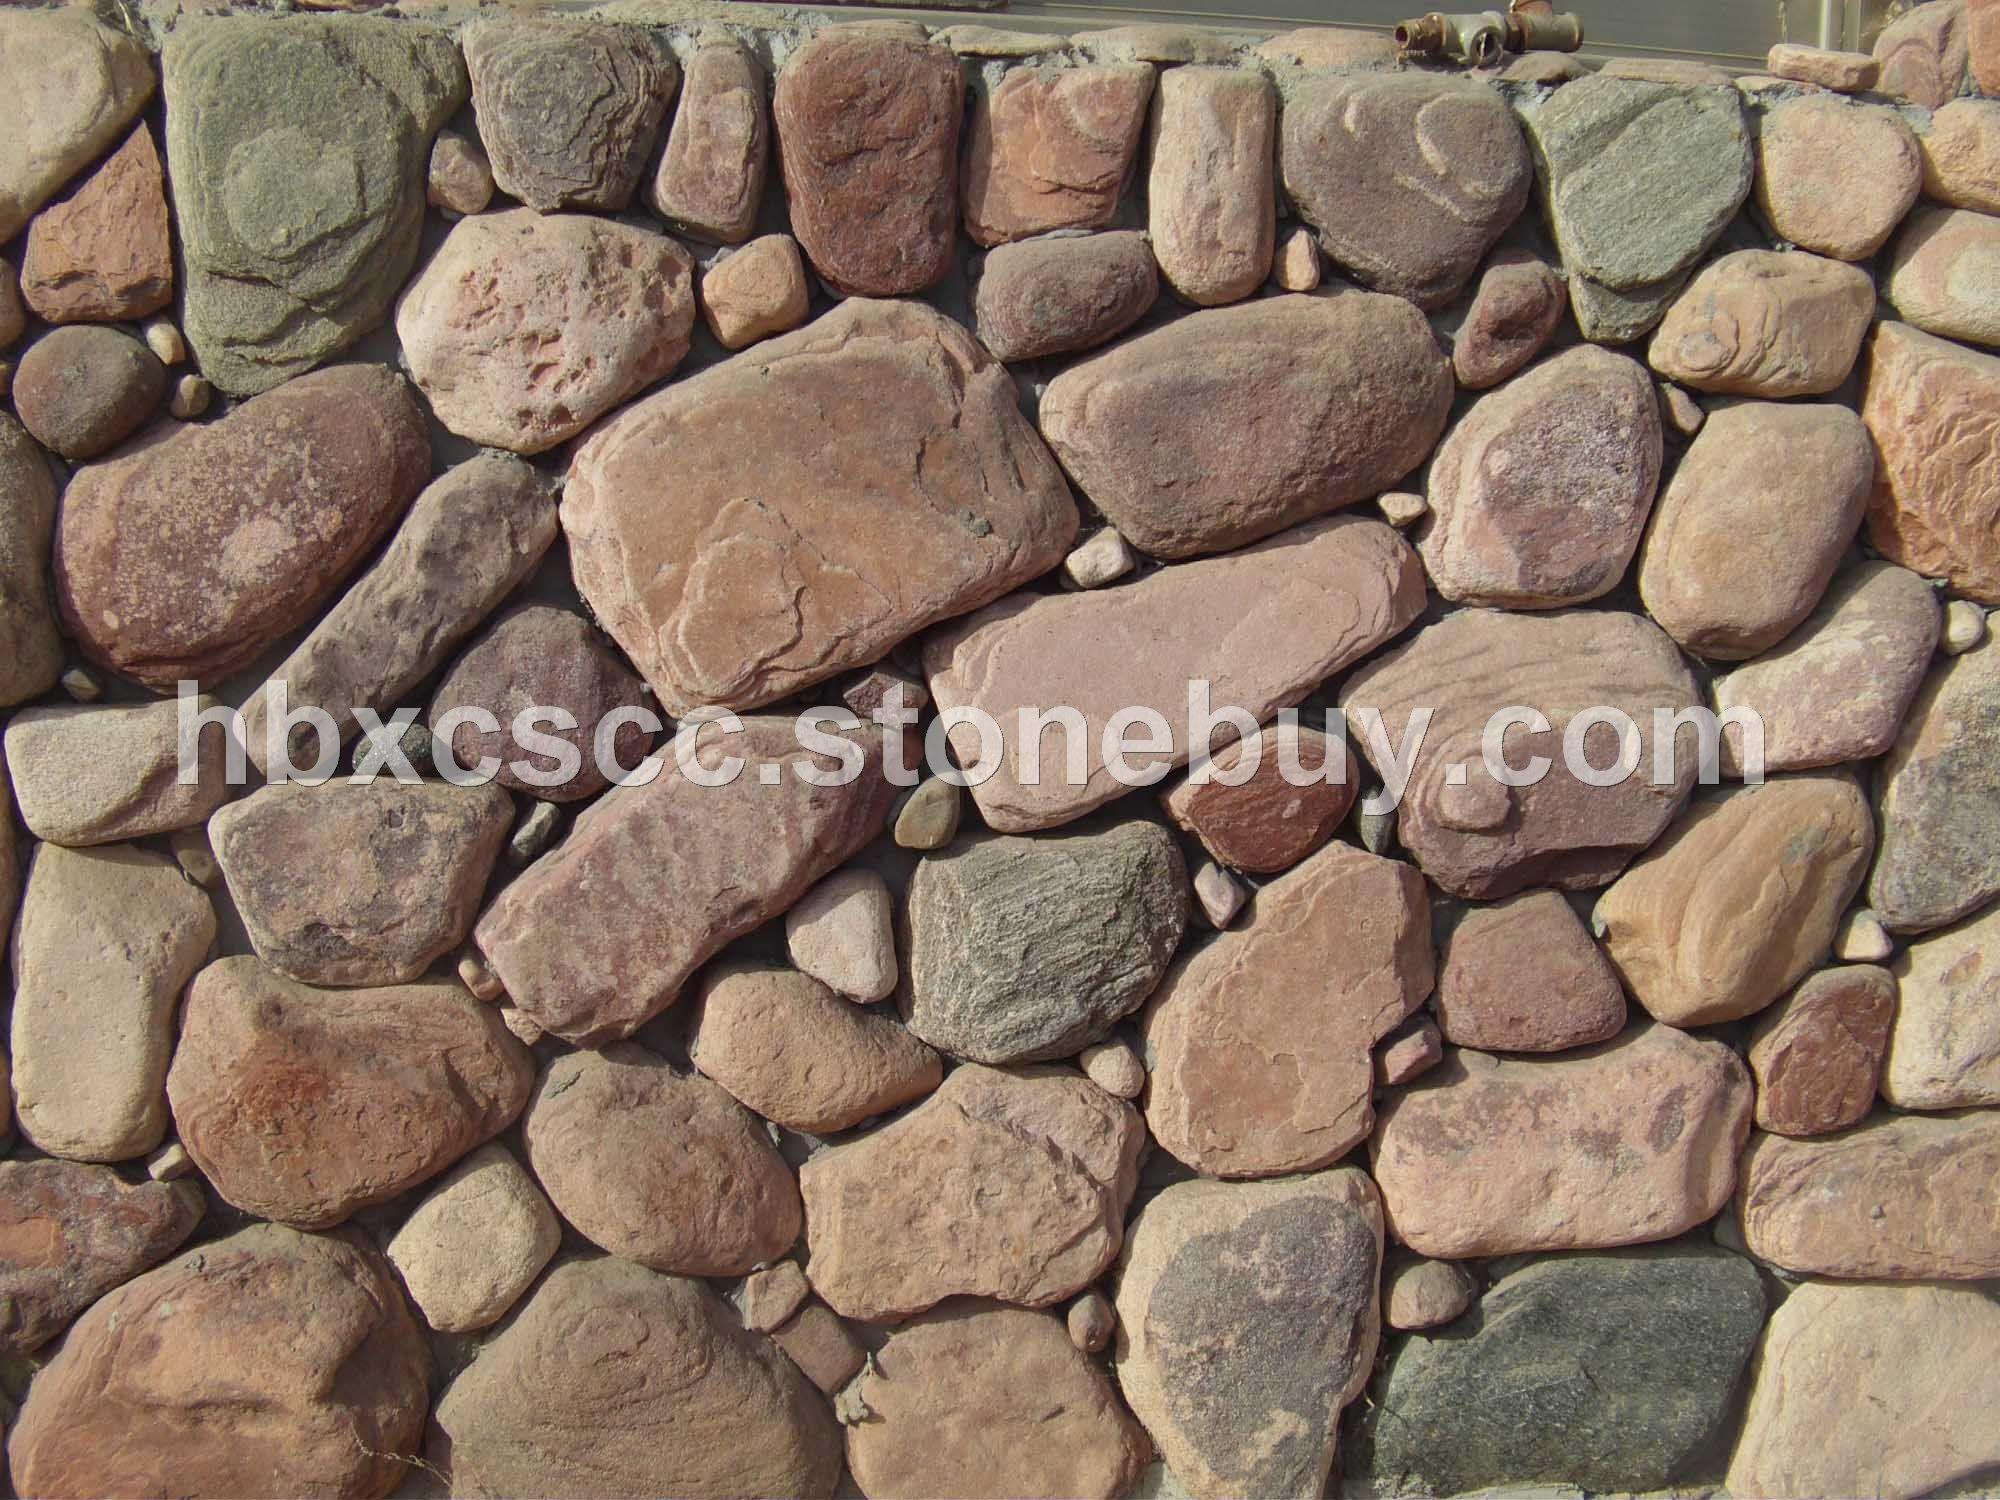 鹅卵���9�(yg�_鹅卵园泉石文化石